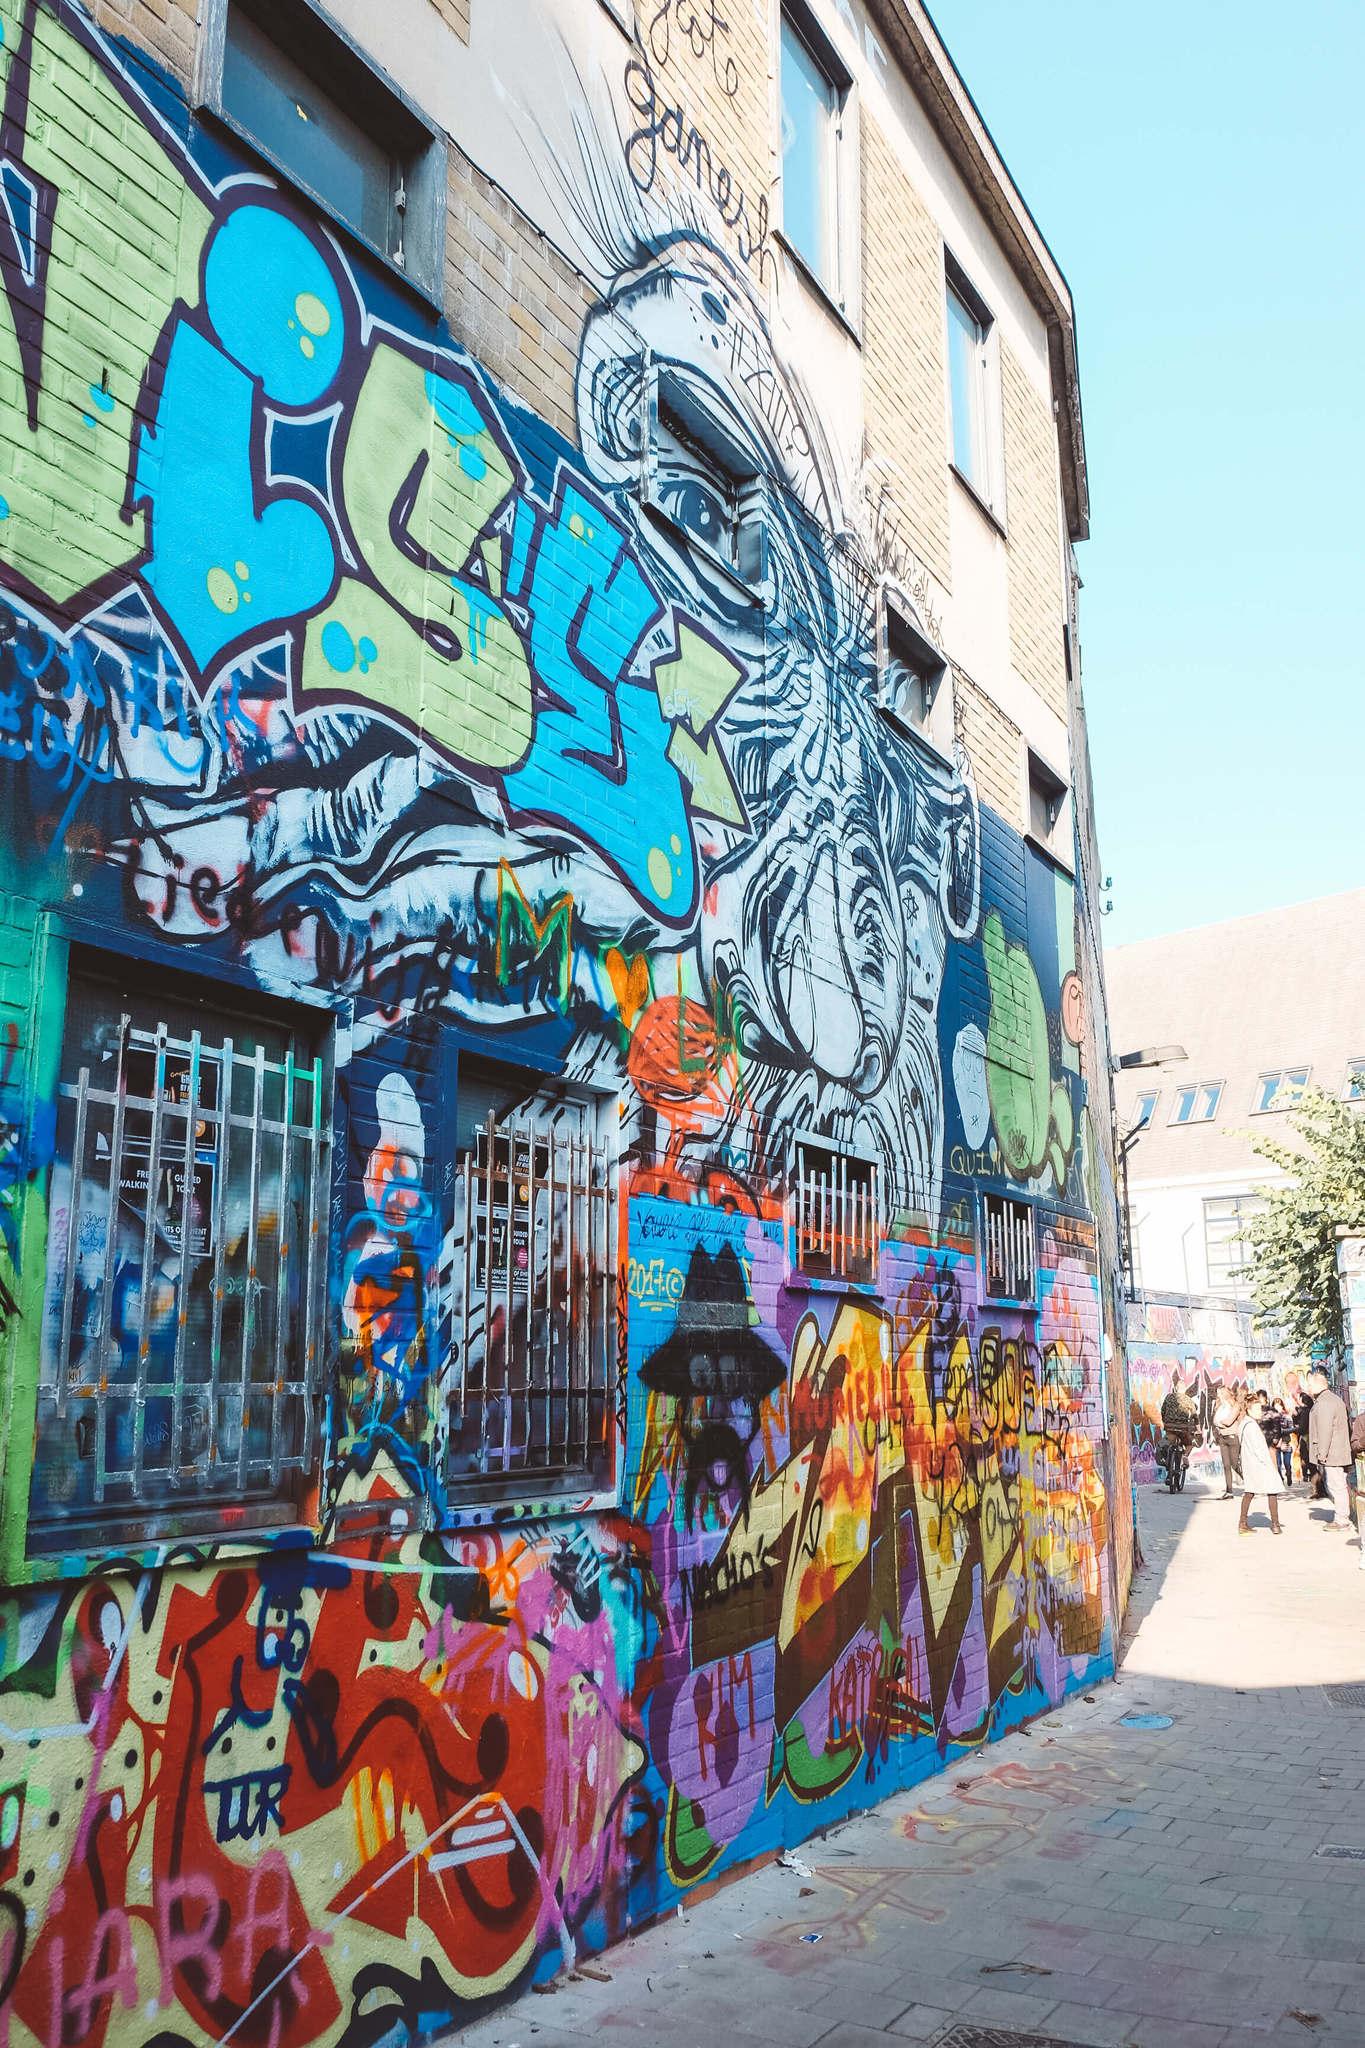 grafhitti in ghent belgium